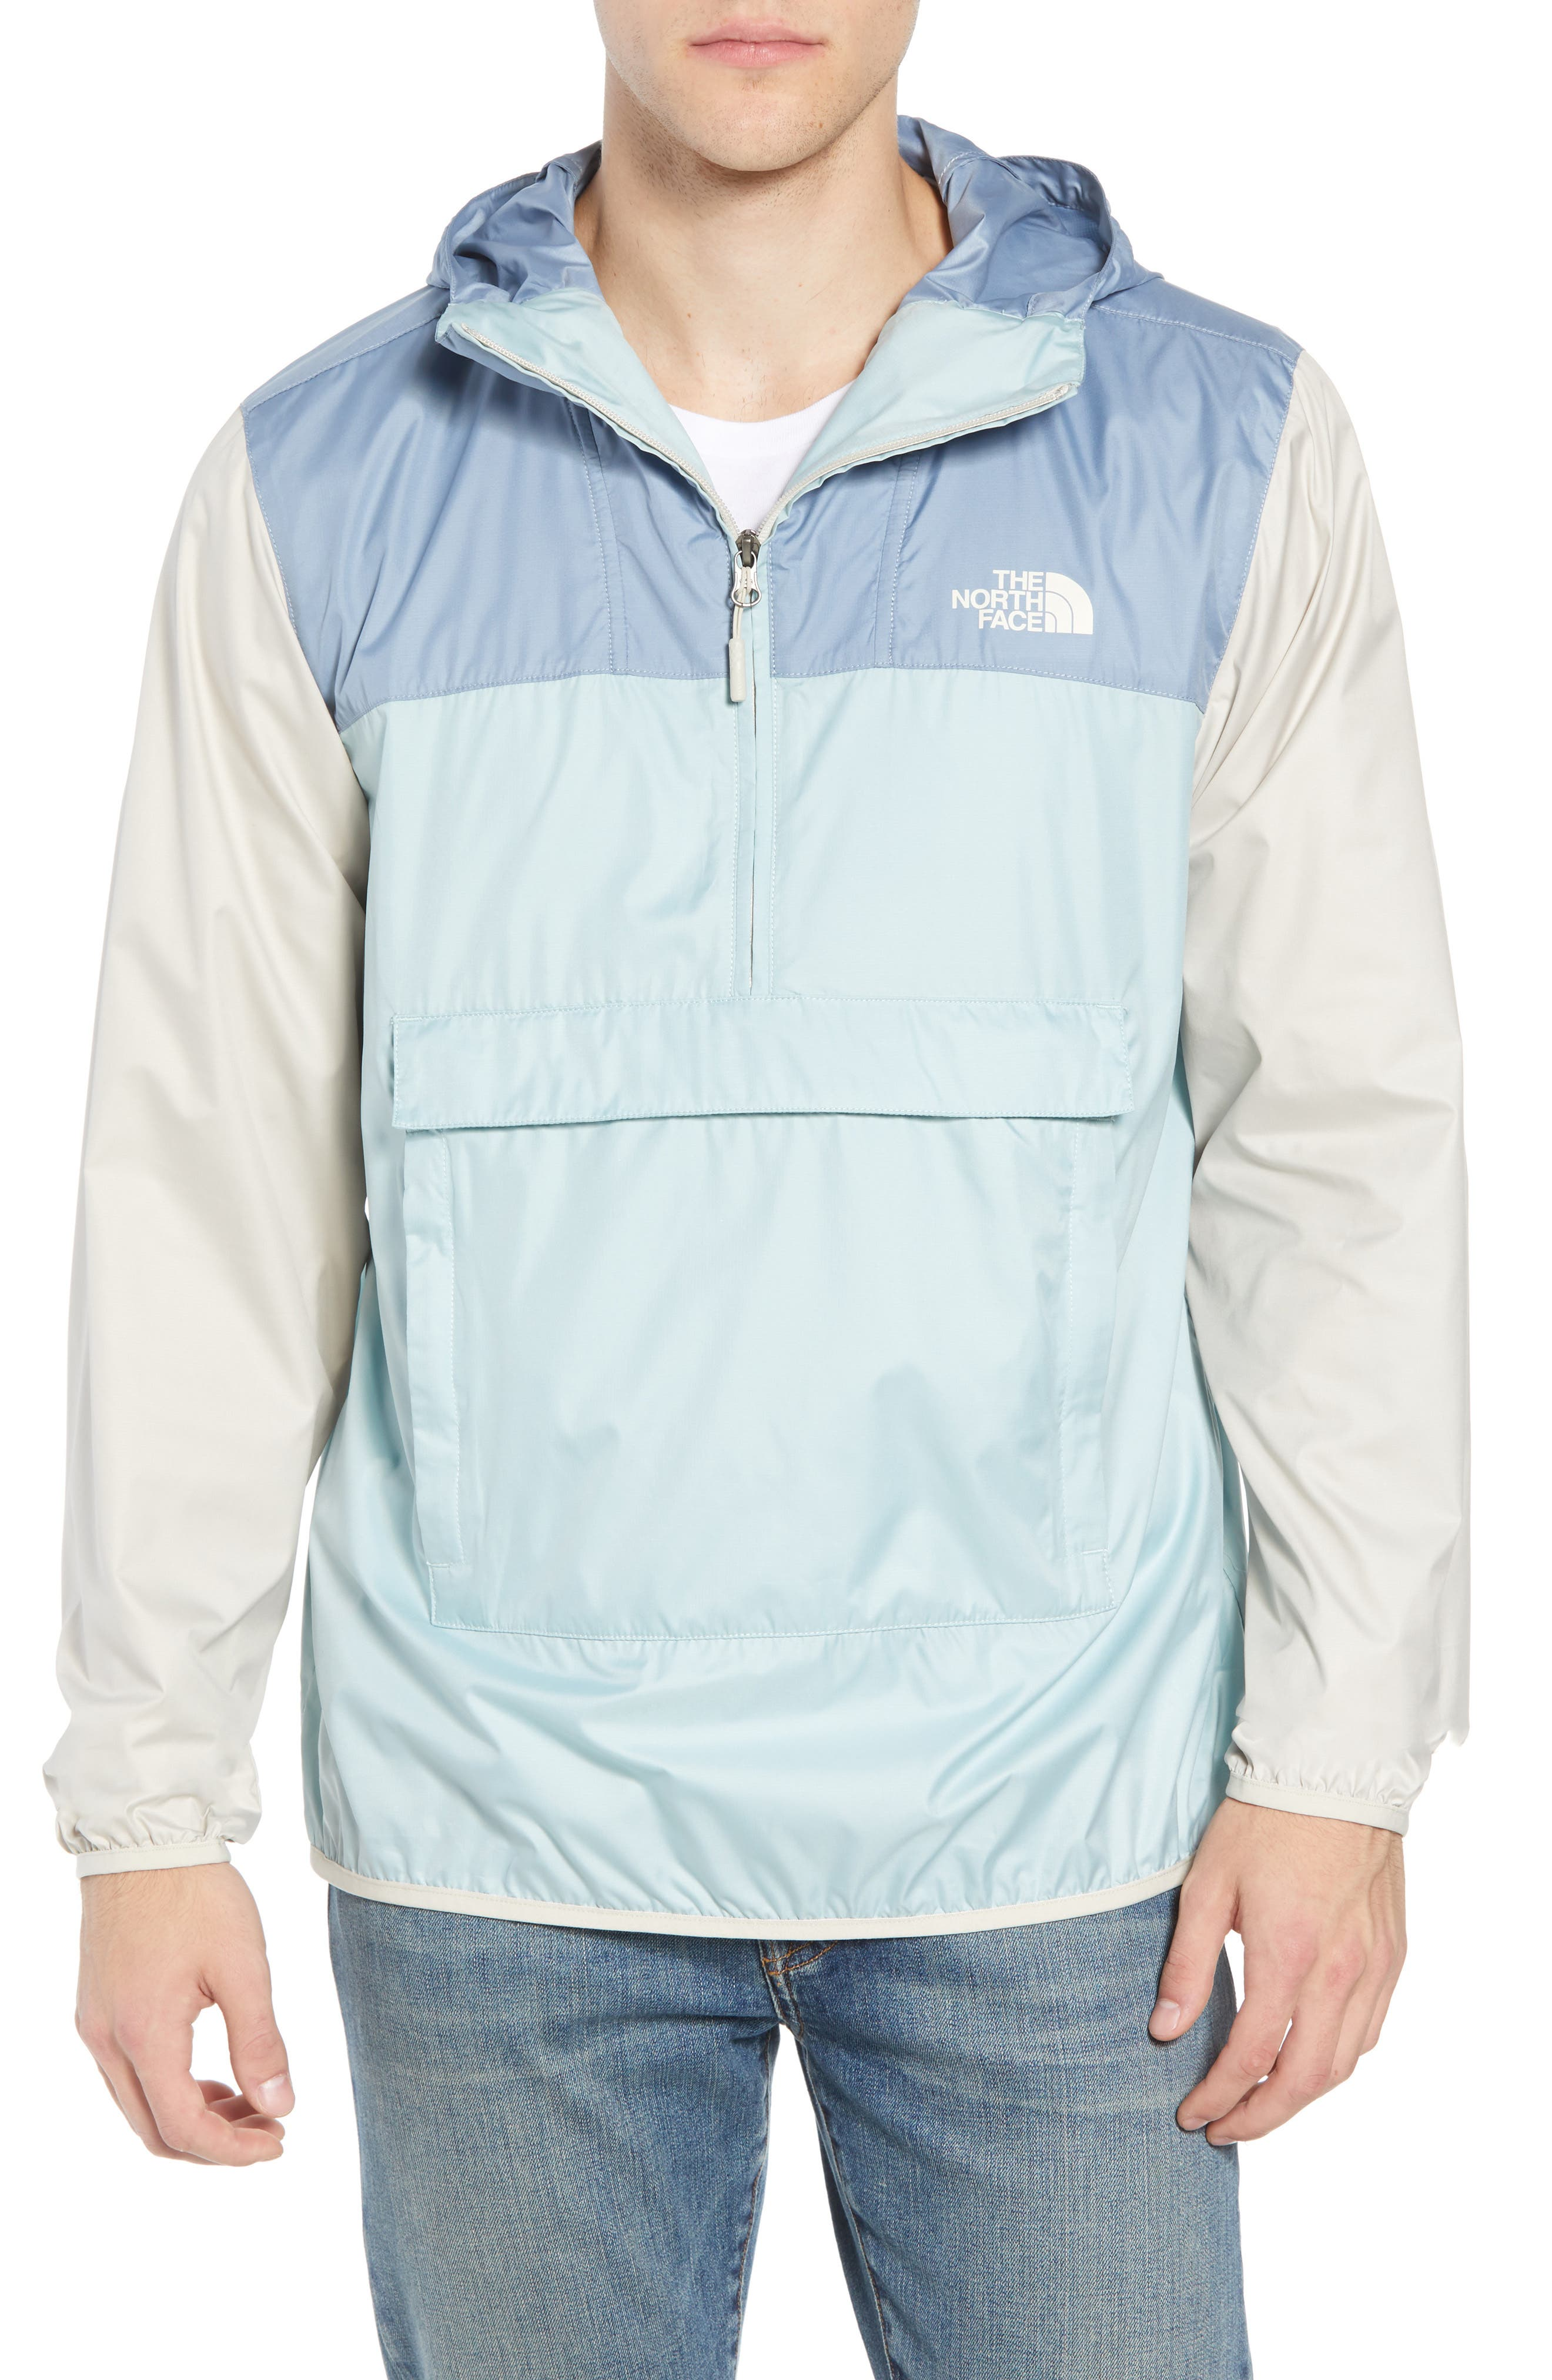 Fanorak Pullover,                         Main,                         color, Blue Haze Multi